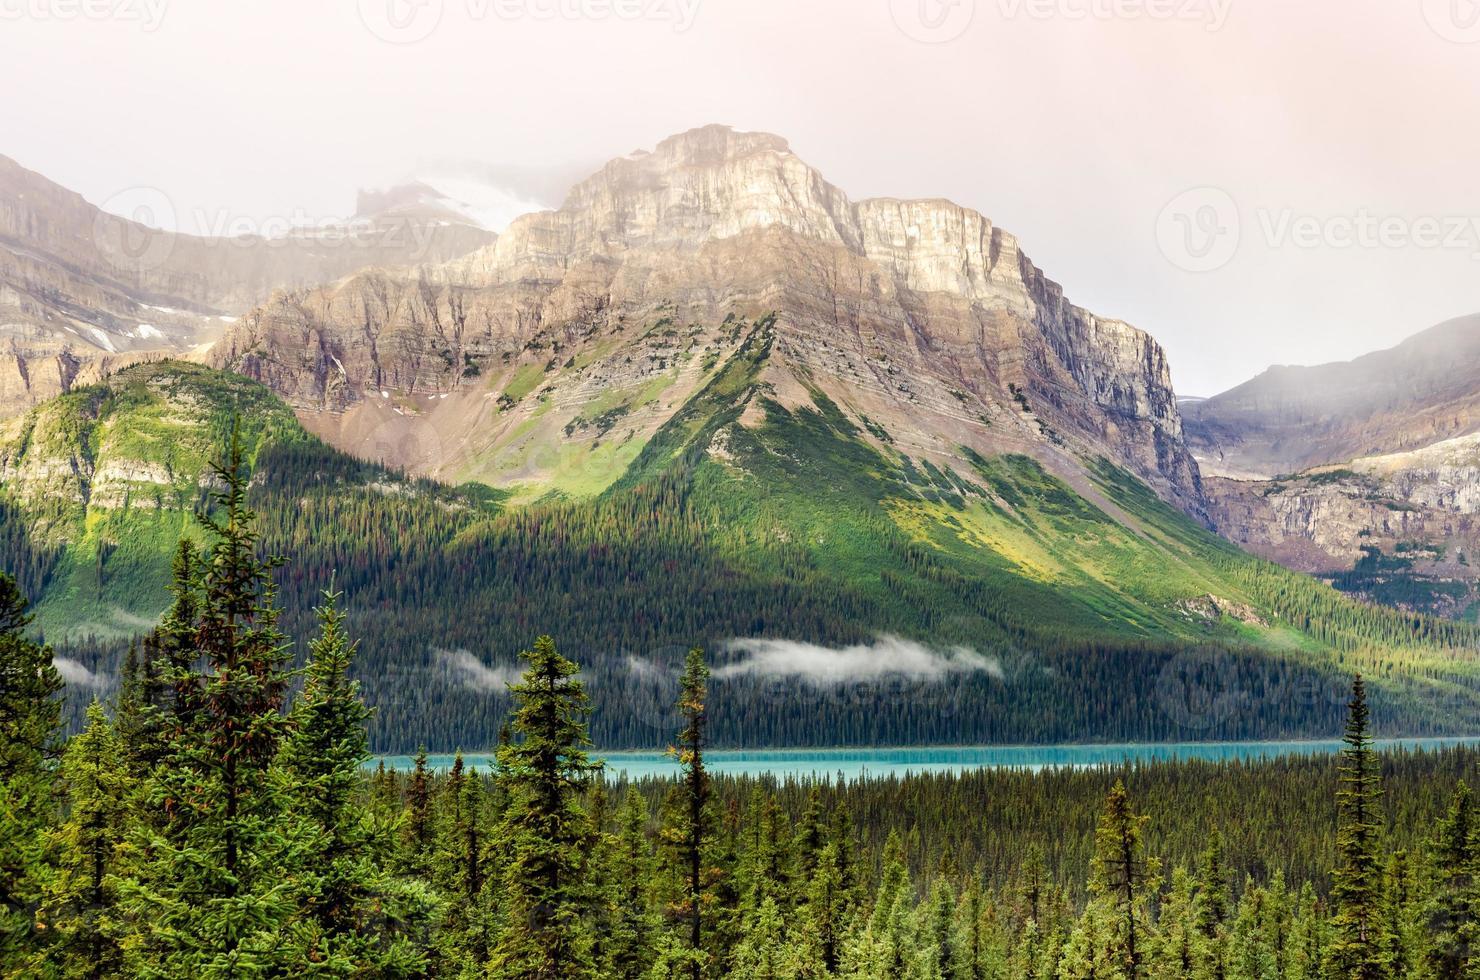 Vue panoramique sur la montagne près de la promenade des Glaciers, Rocheuses canadiennes photo